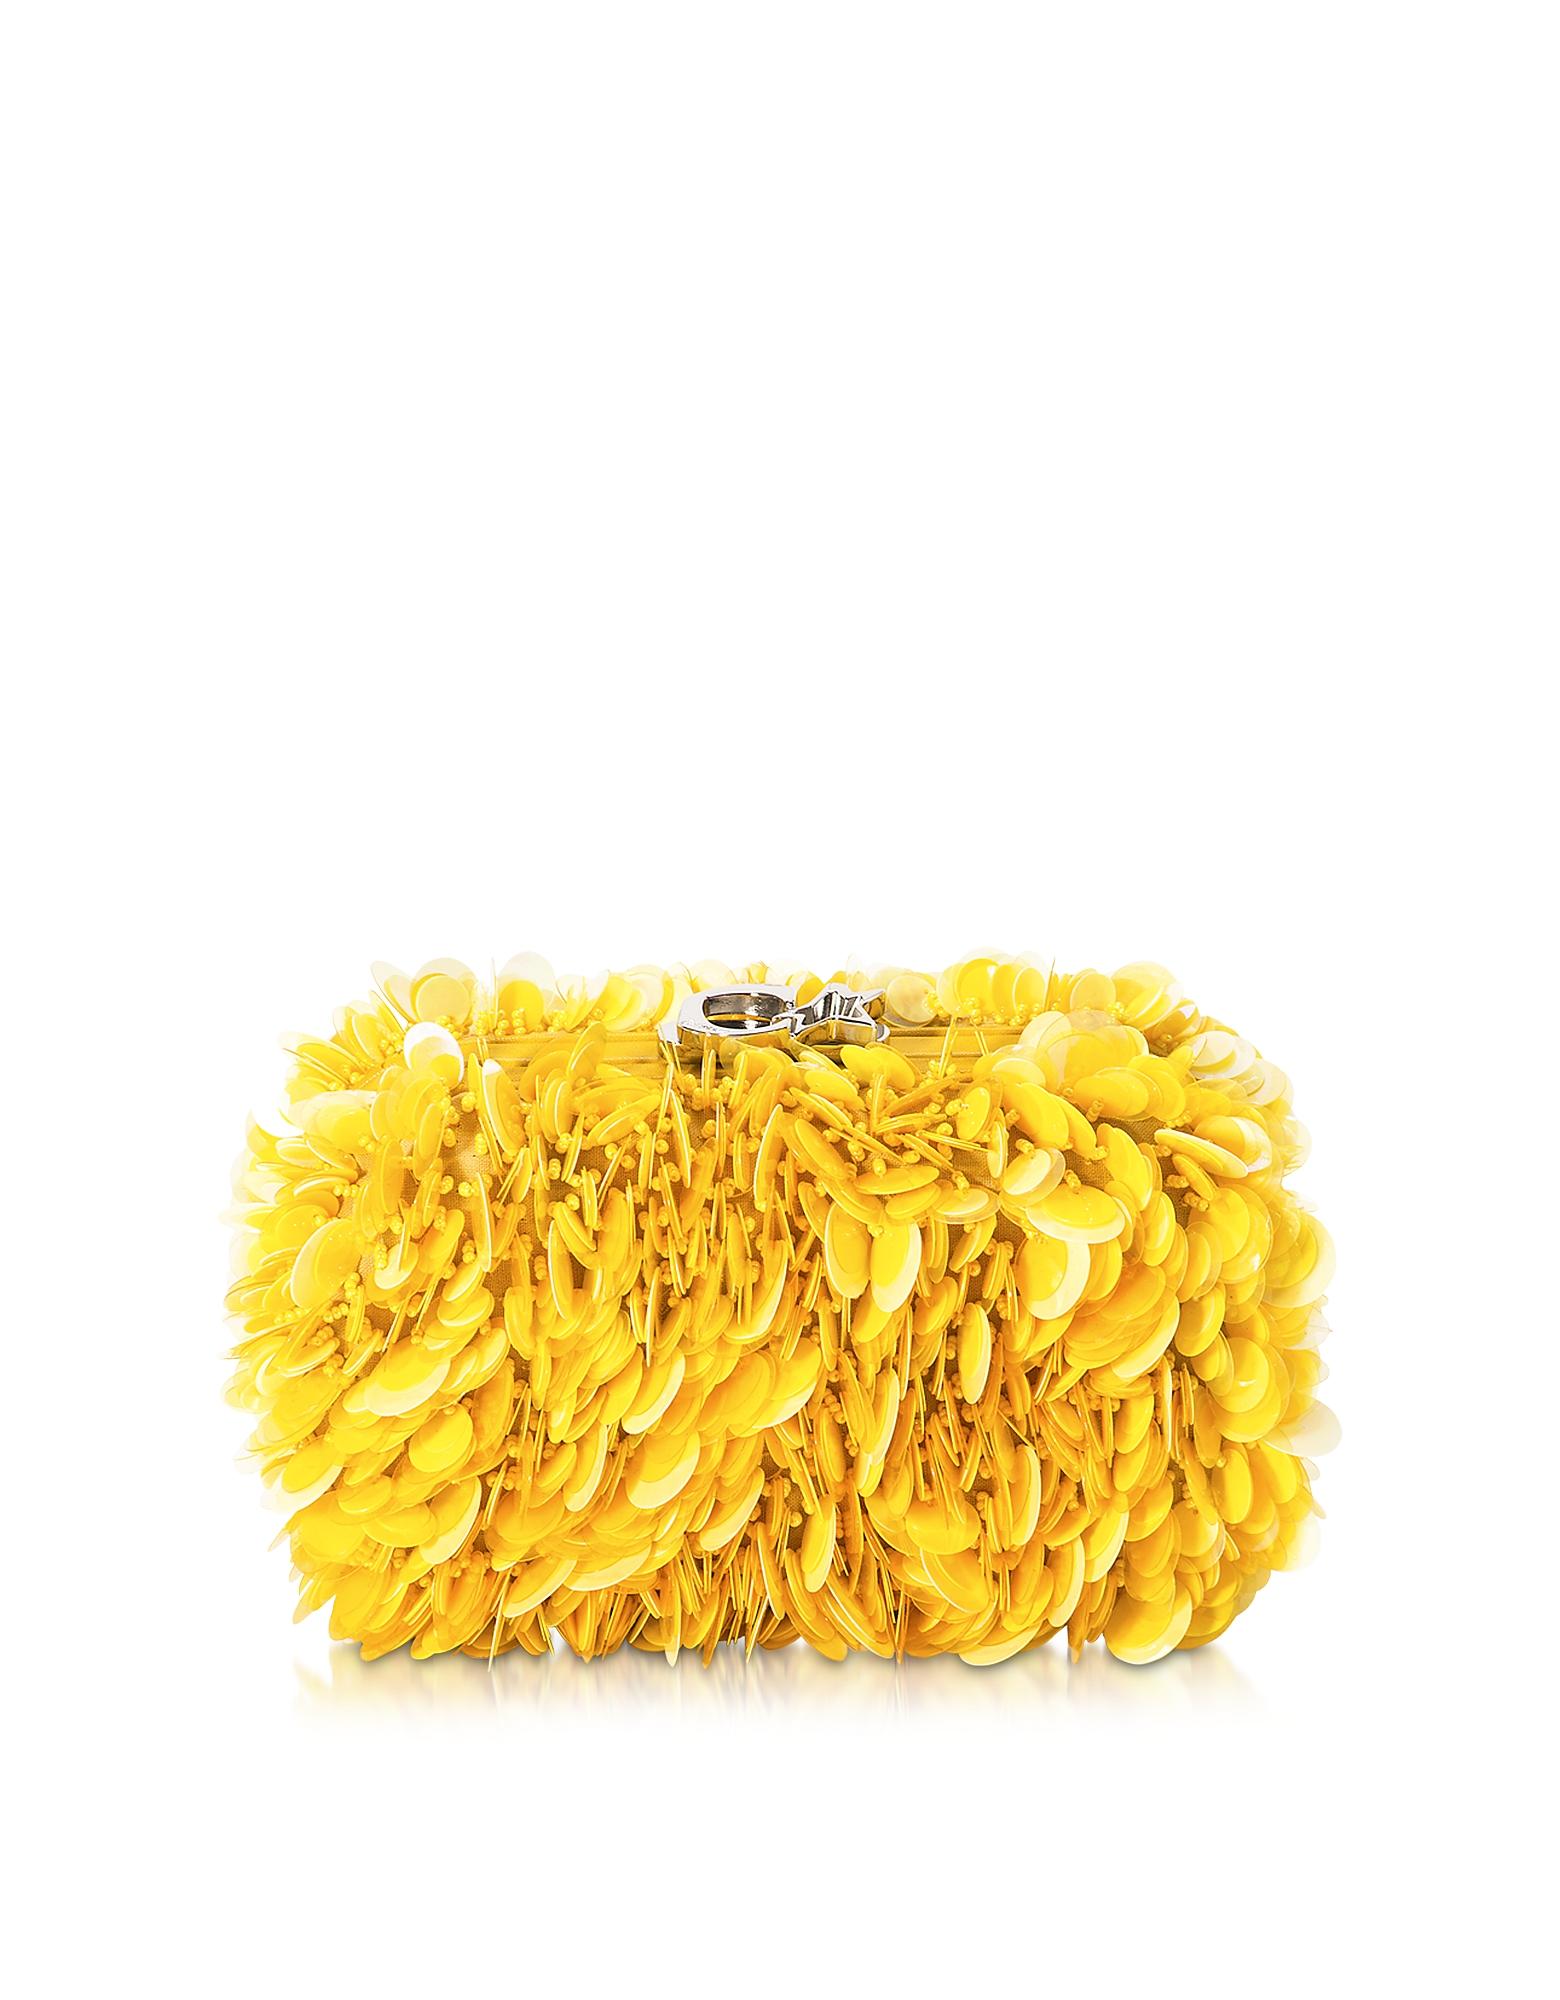 Corto Moltedo Handbags, Susan C Star Yellow Explosion Nappa Leather Pochette w/Chain Strap